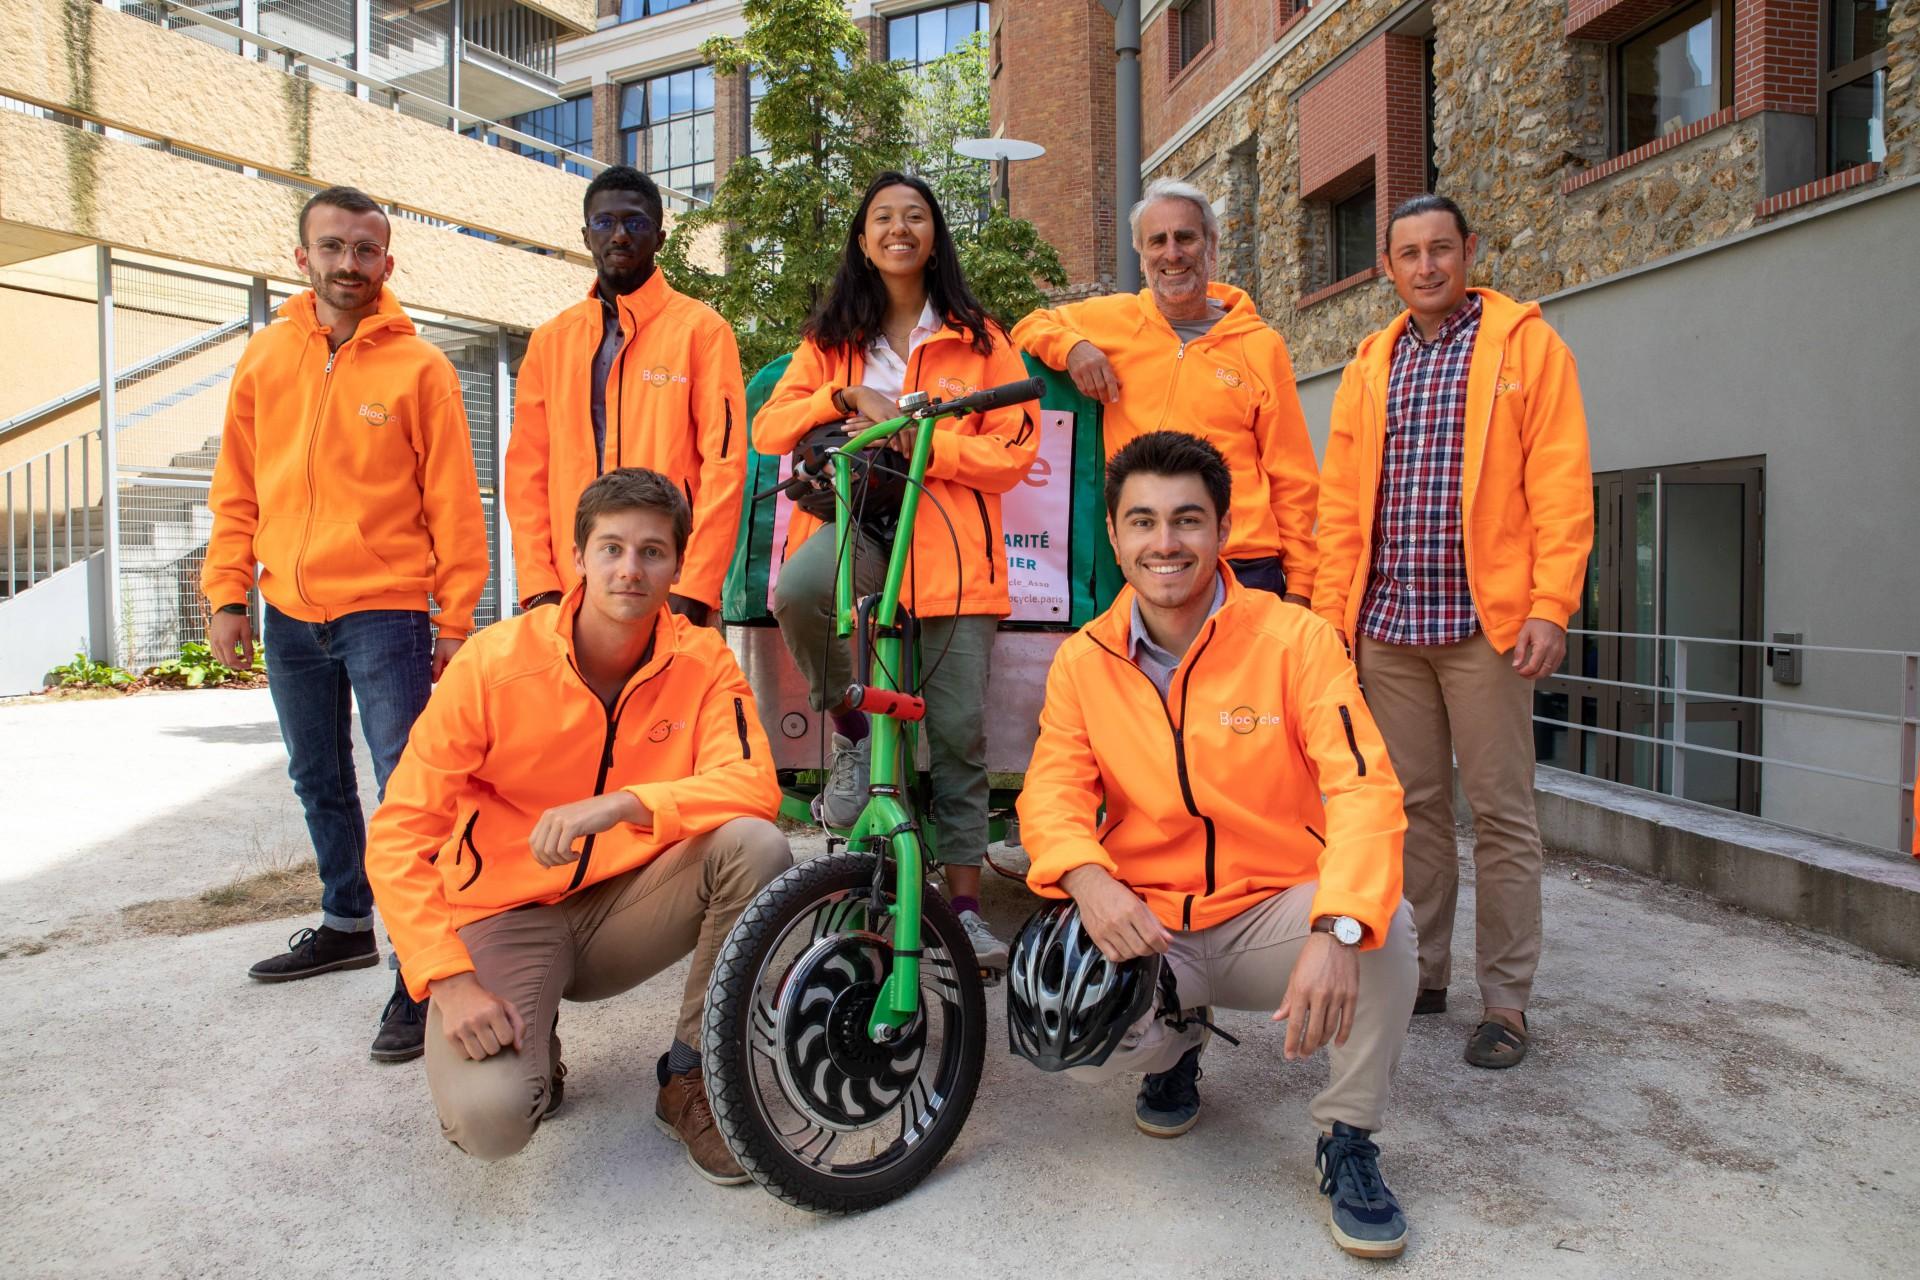 L'équipe Biocycle pose devant le local de l'association